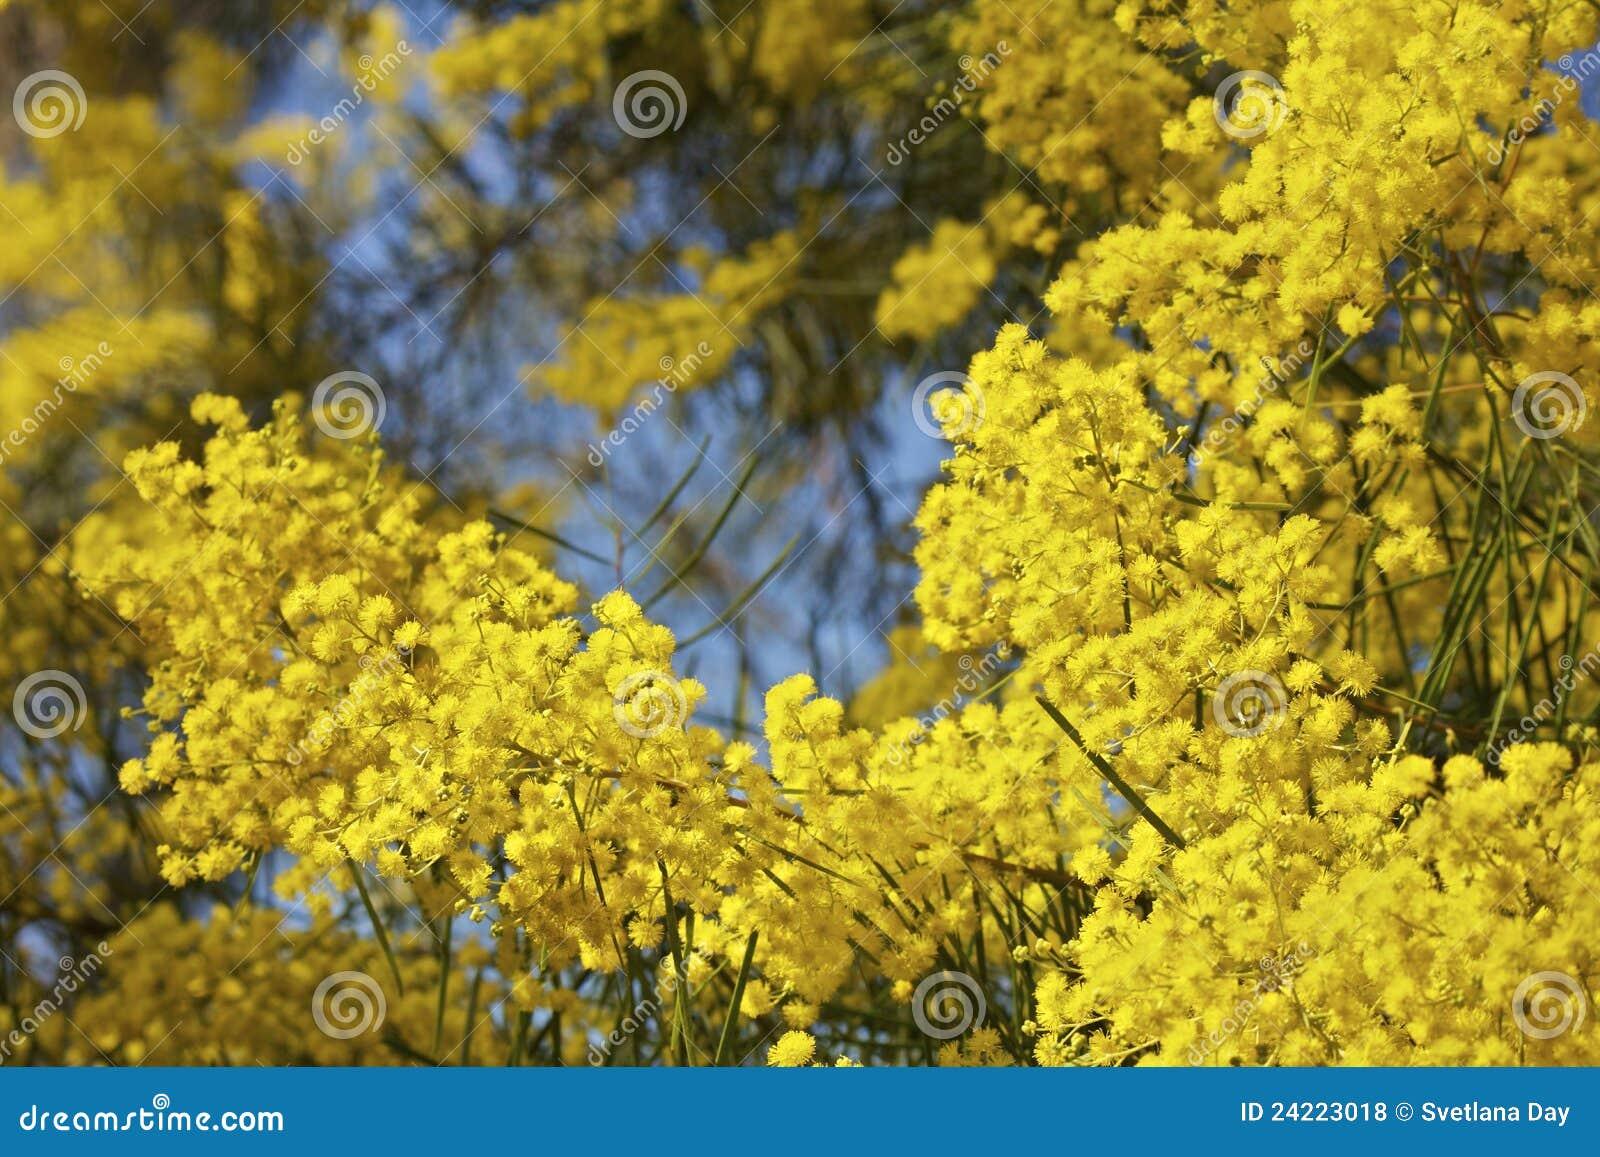 australischer mimose oder zweig baum in der bl te lizenzfreie stockfotos bild 24223018. Black Bedroom Furniture Sets. Home Design Ideas